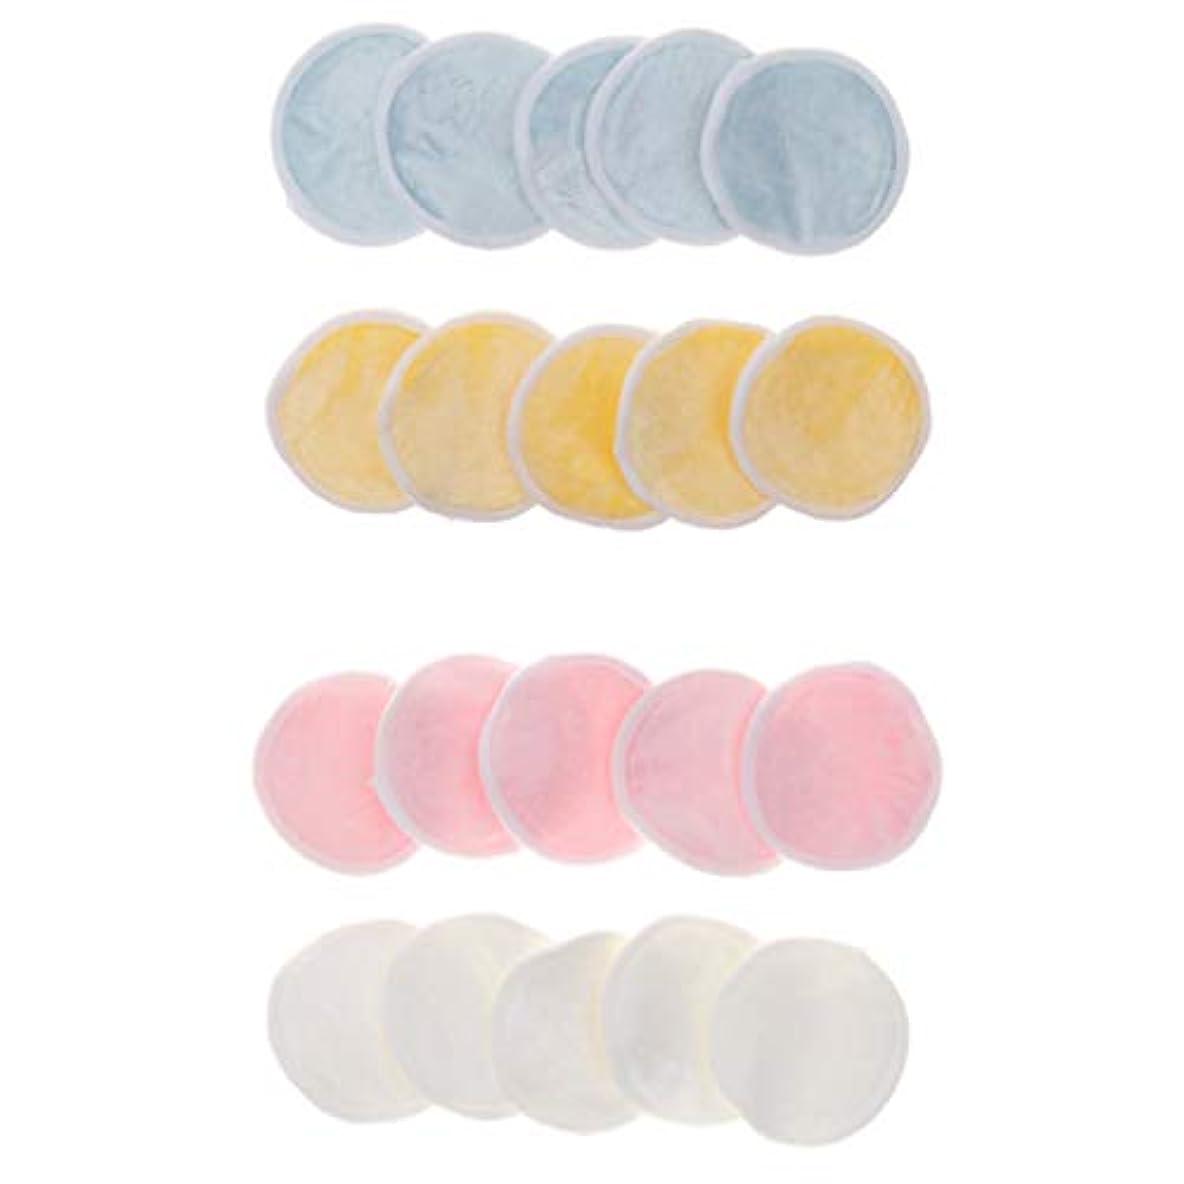 F Fityle クレンジングシート 化粧落としパッド メイク落としコットン 再使用可 化粧用 持ち運びに便利 20個入